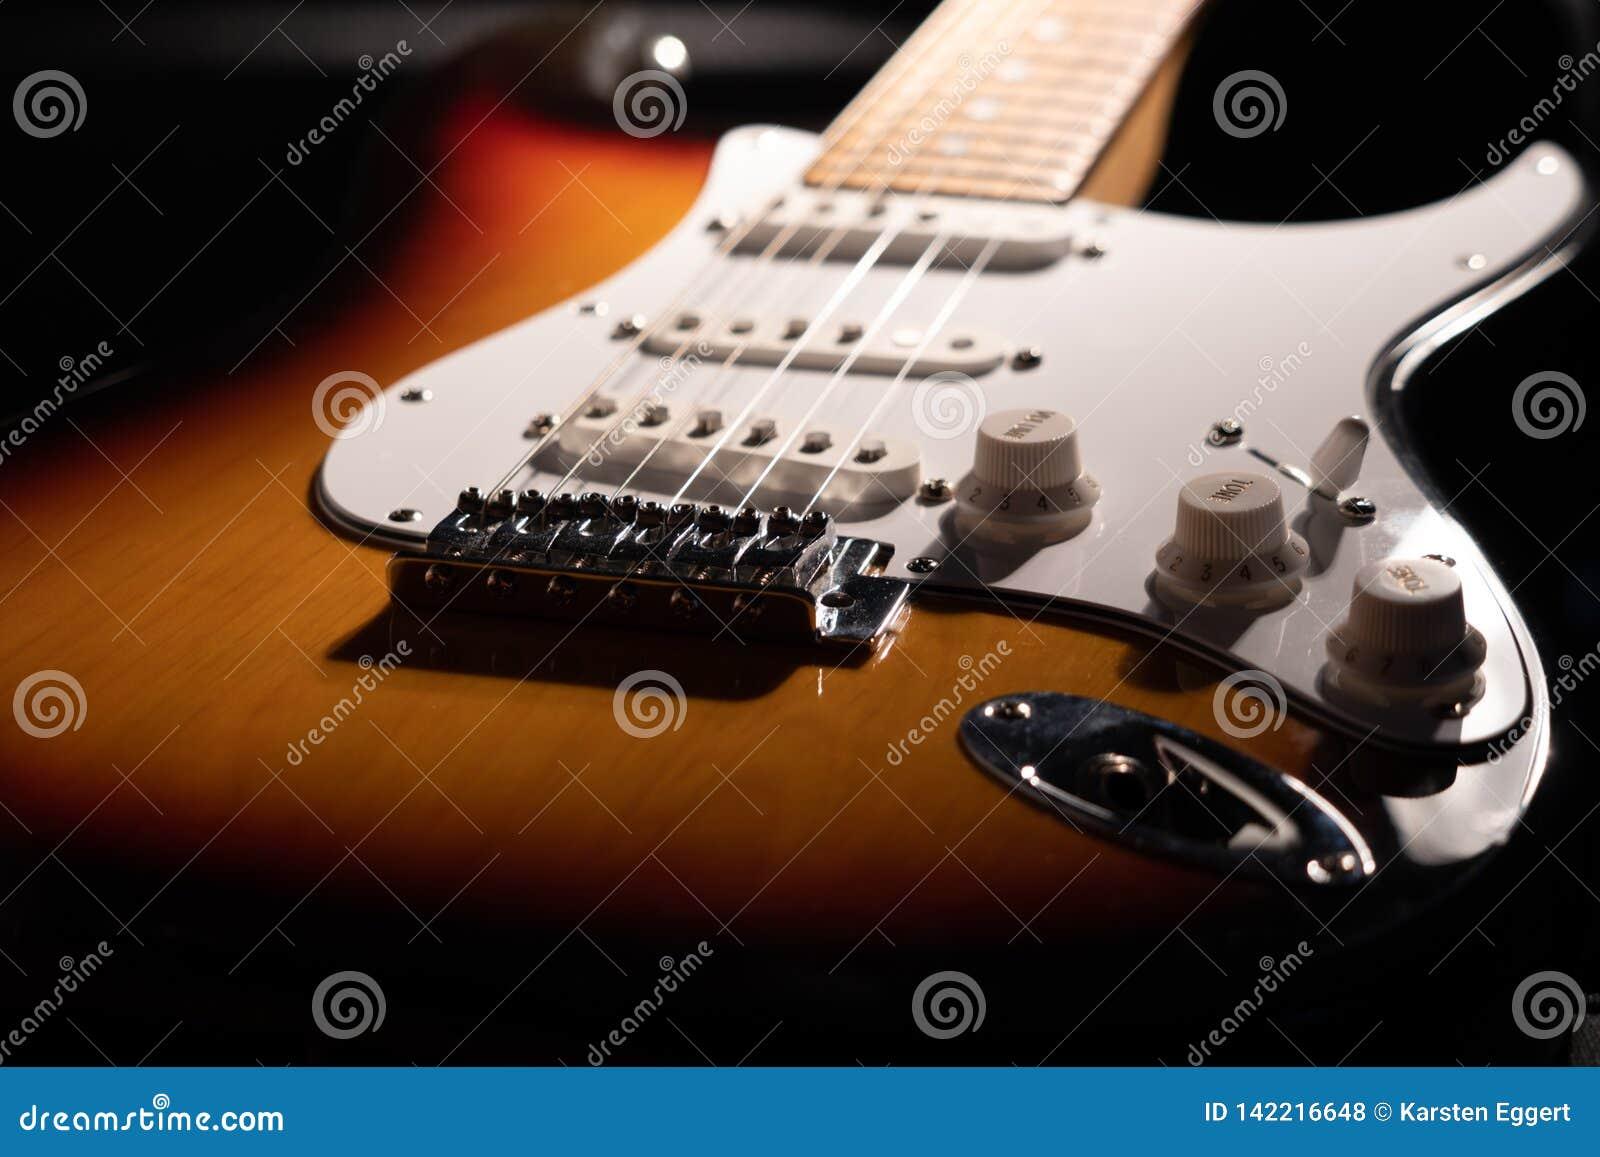 Close-up van een zonnestraal elektrische gitaar